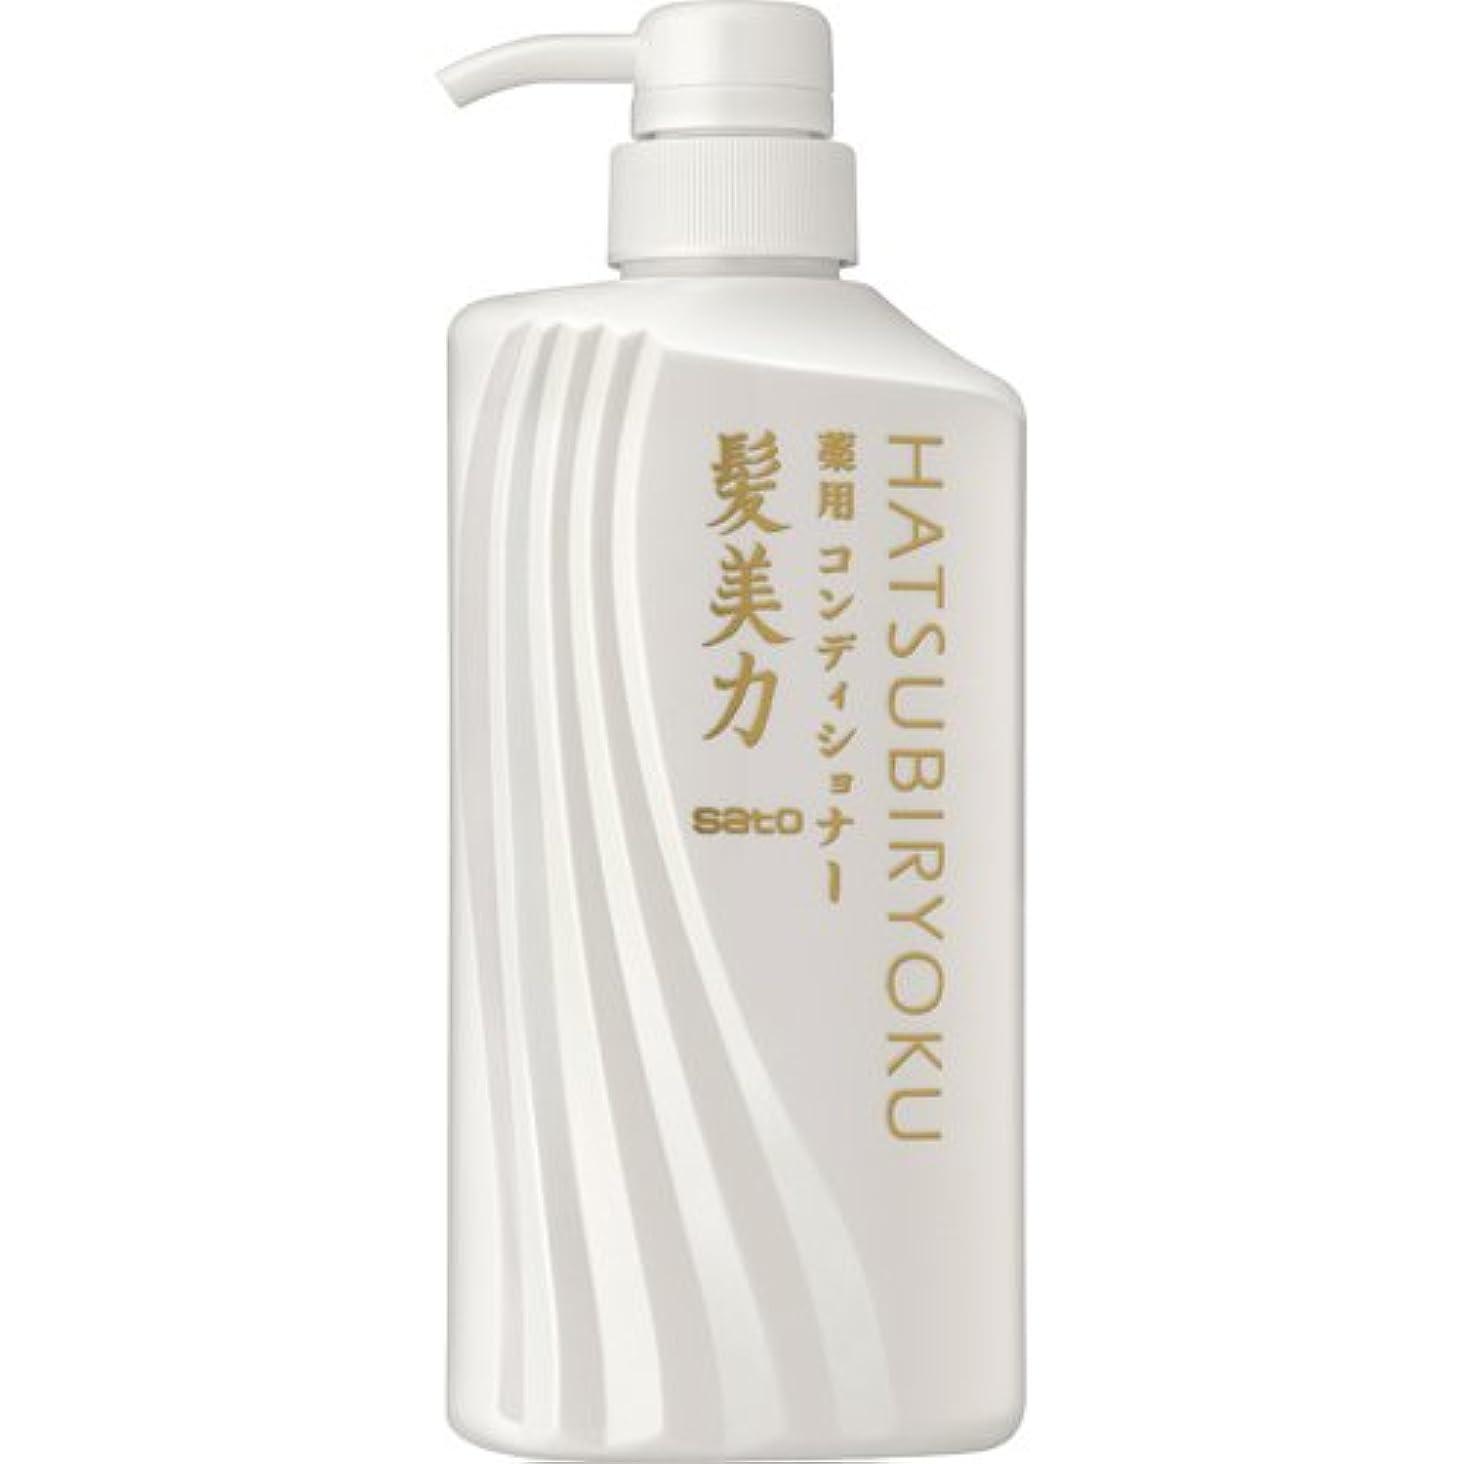 佐藤製薬 髪美力(はつびりょく) 薬用スカルプコンディショナー 500ml E418006H